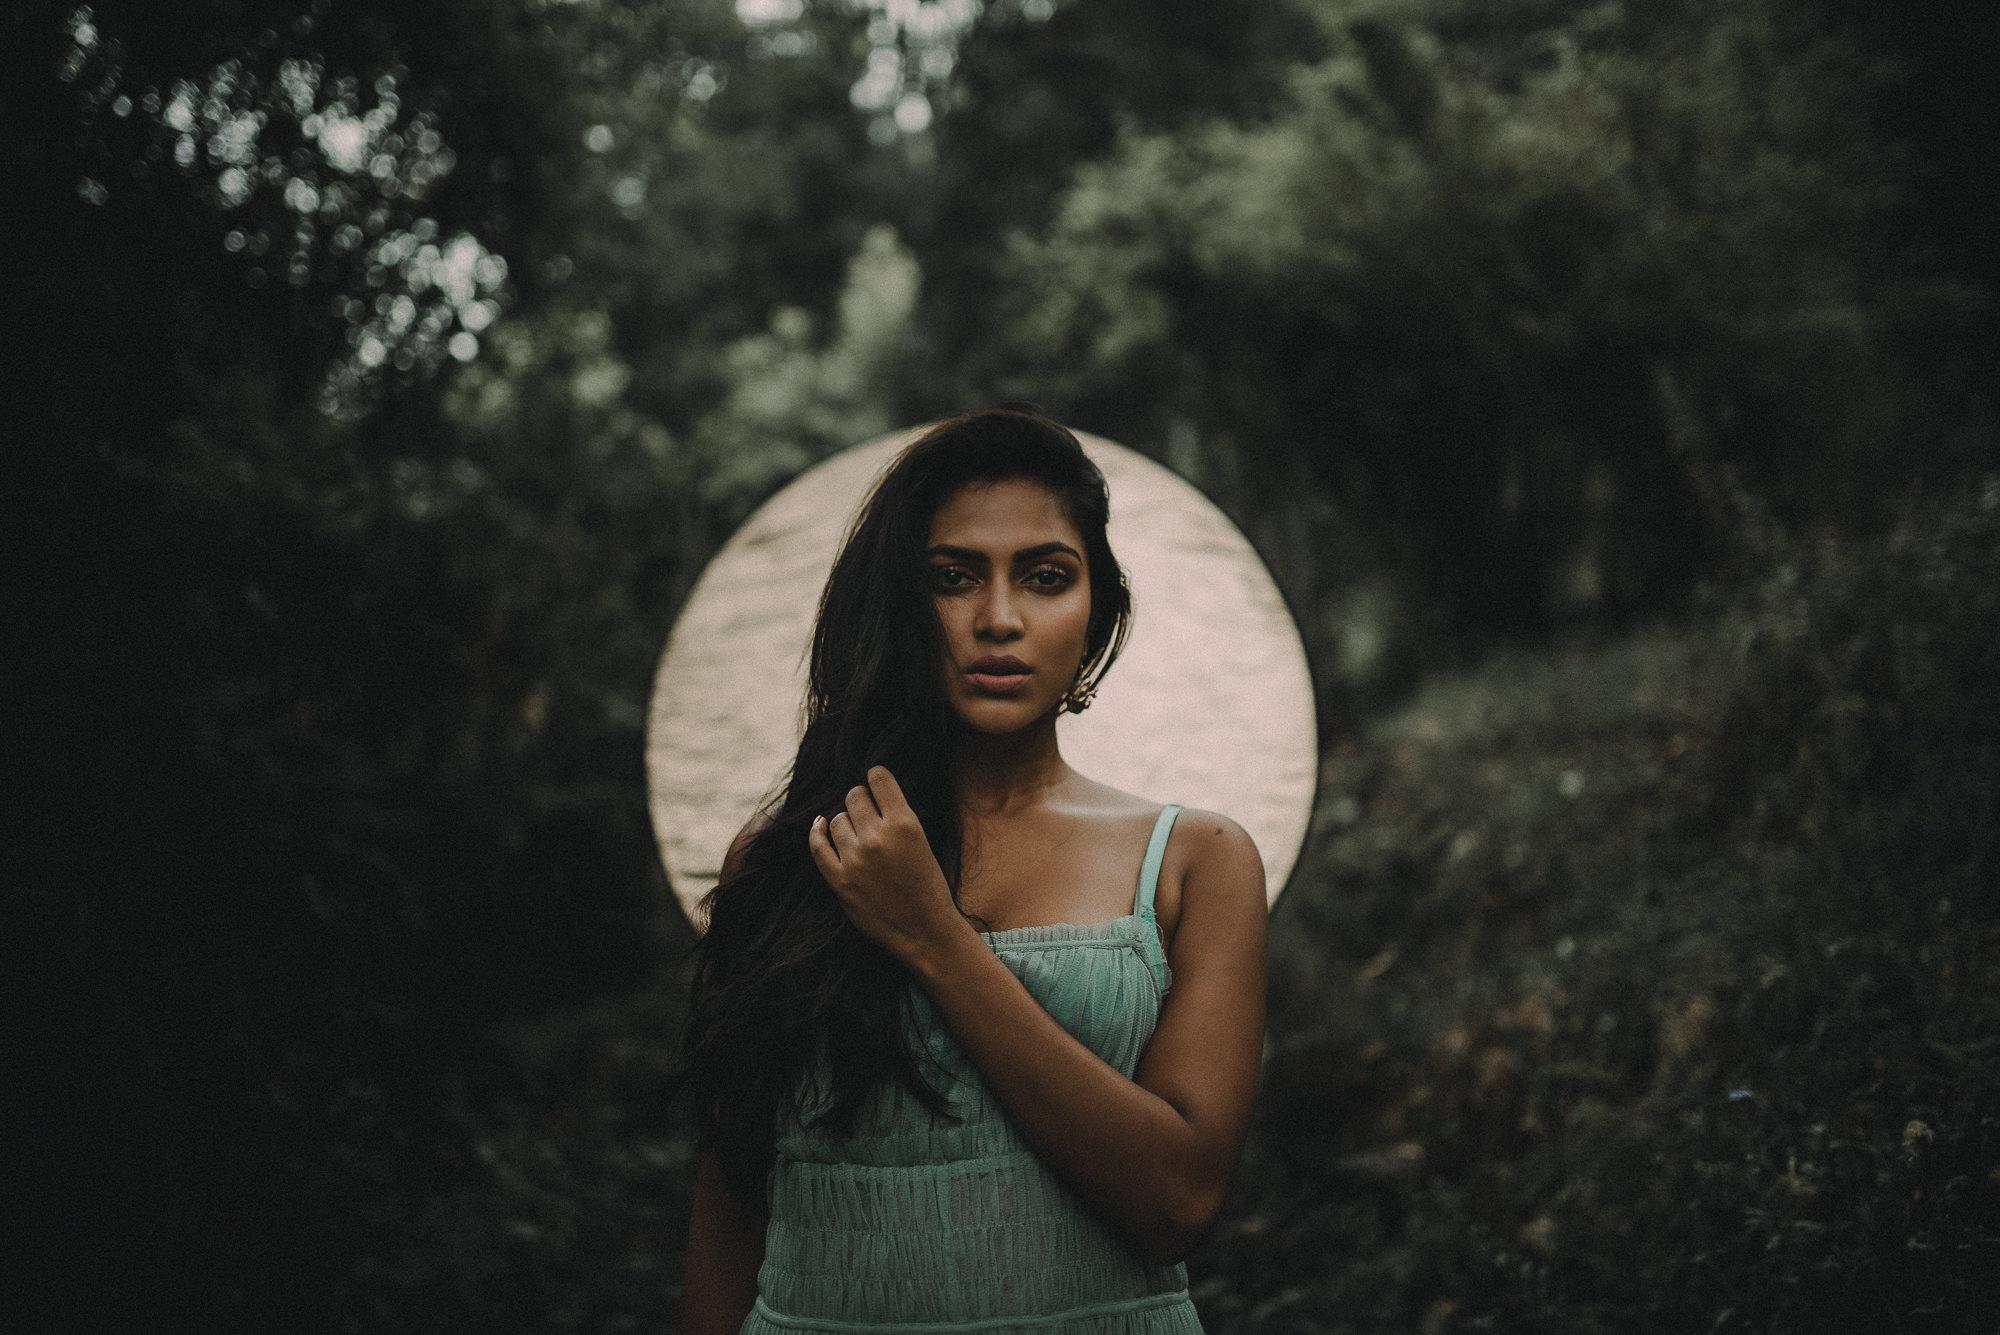 Portraits - Amala Paul